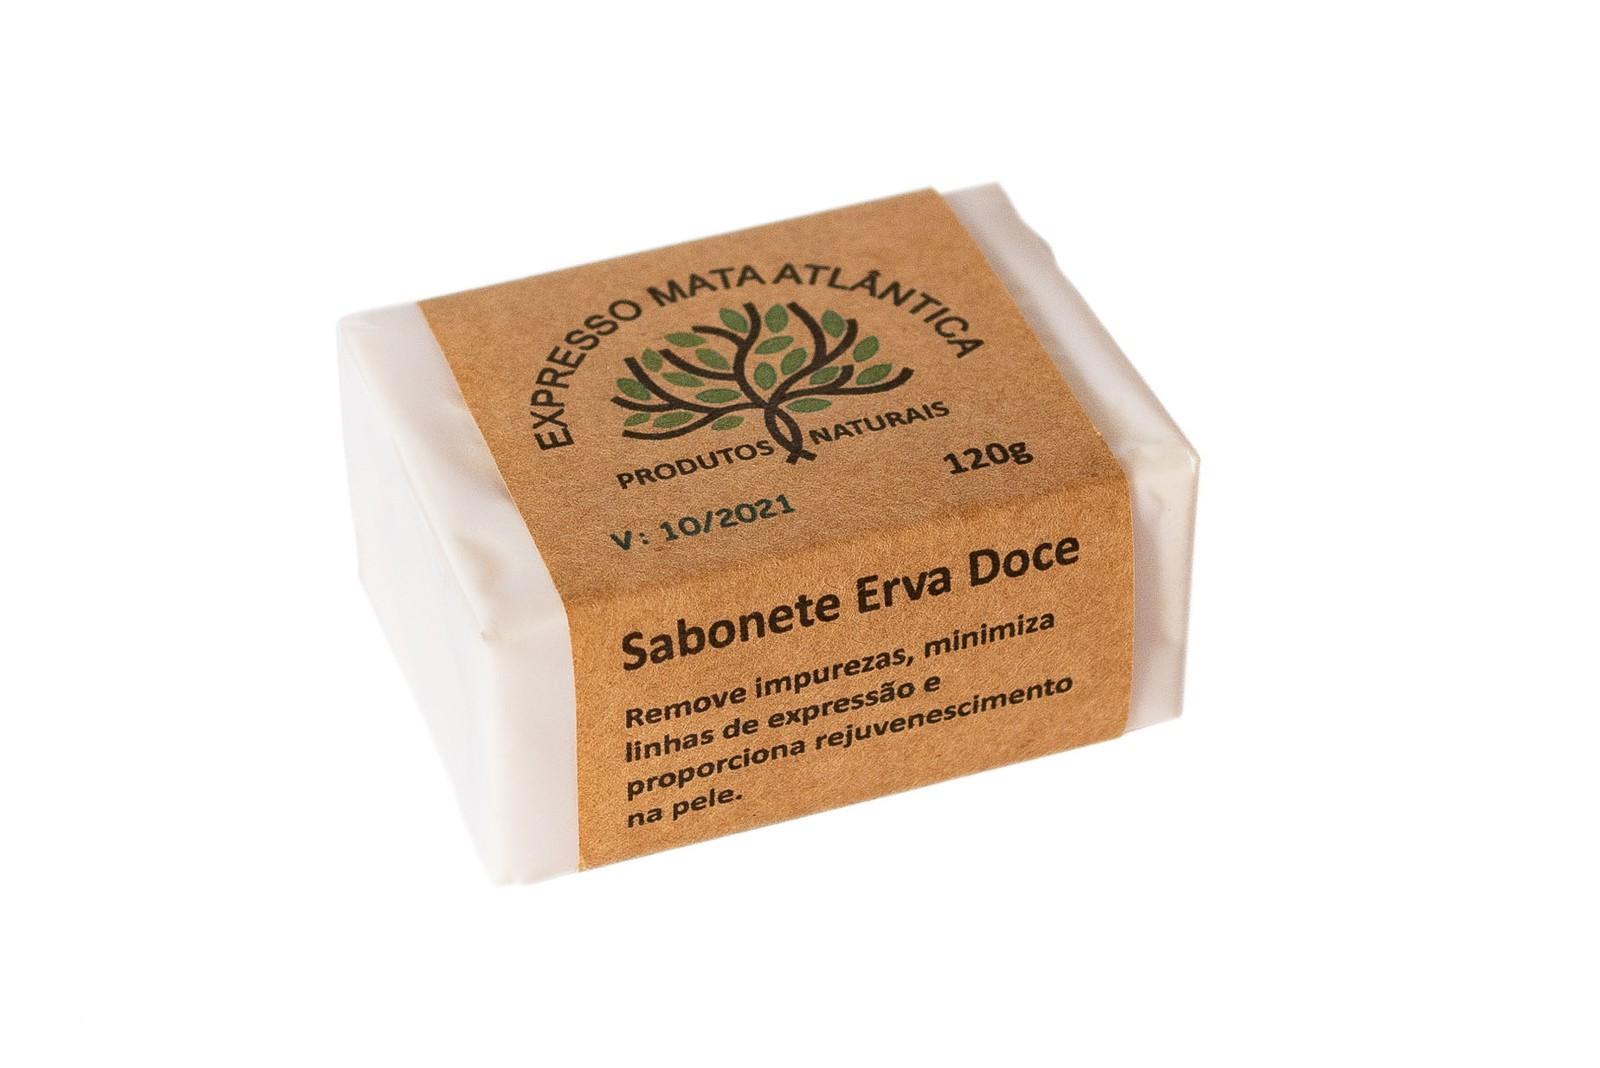 Sabonete Vegano de Erva Doce, Natural, Artesanal e Orgânico.